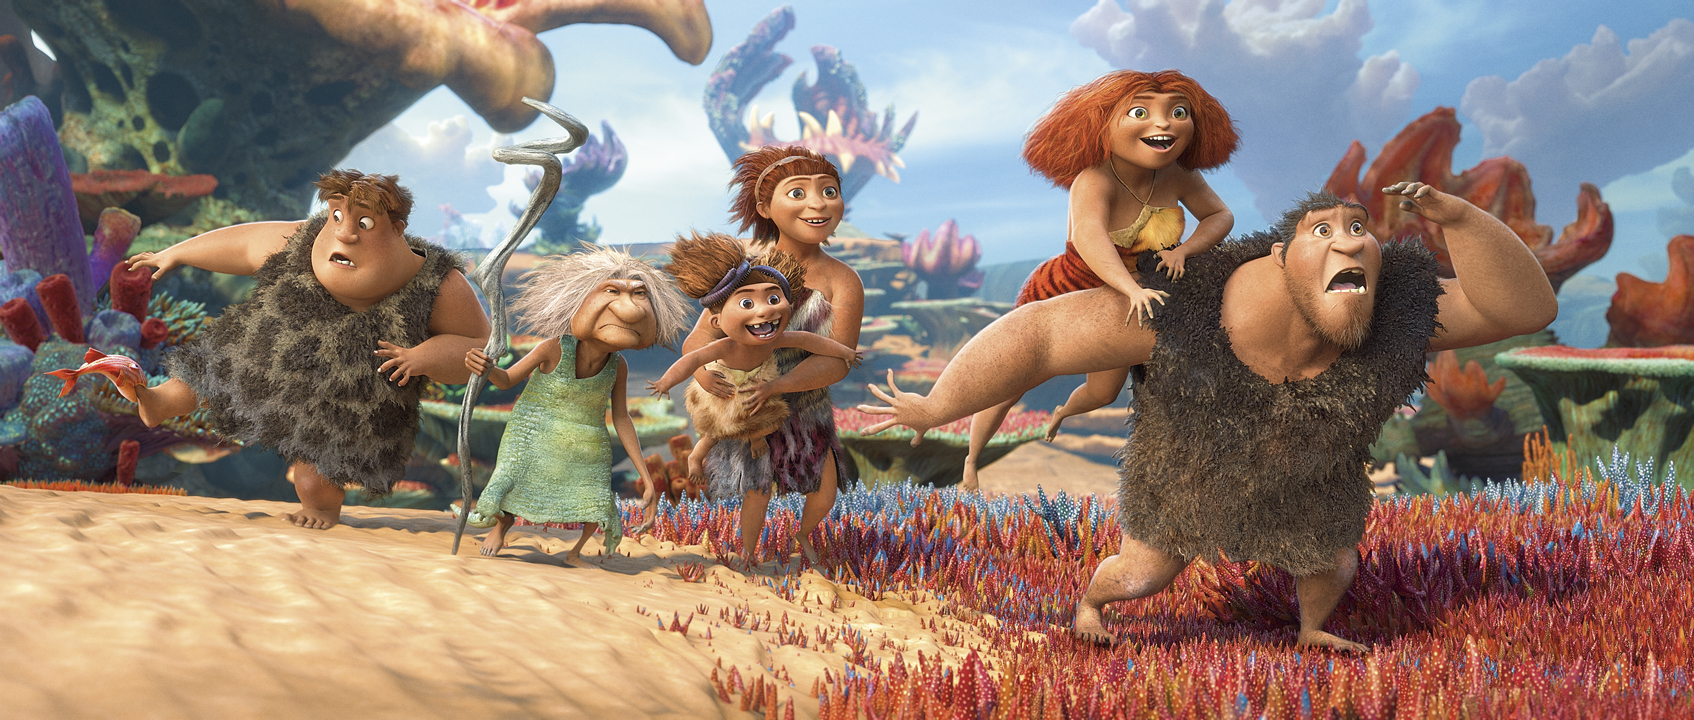 """HP osigurao vrhunsku tehnologiju za  avanturističku komediju """"Croods"""" studija DreamWorks Animation"""